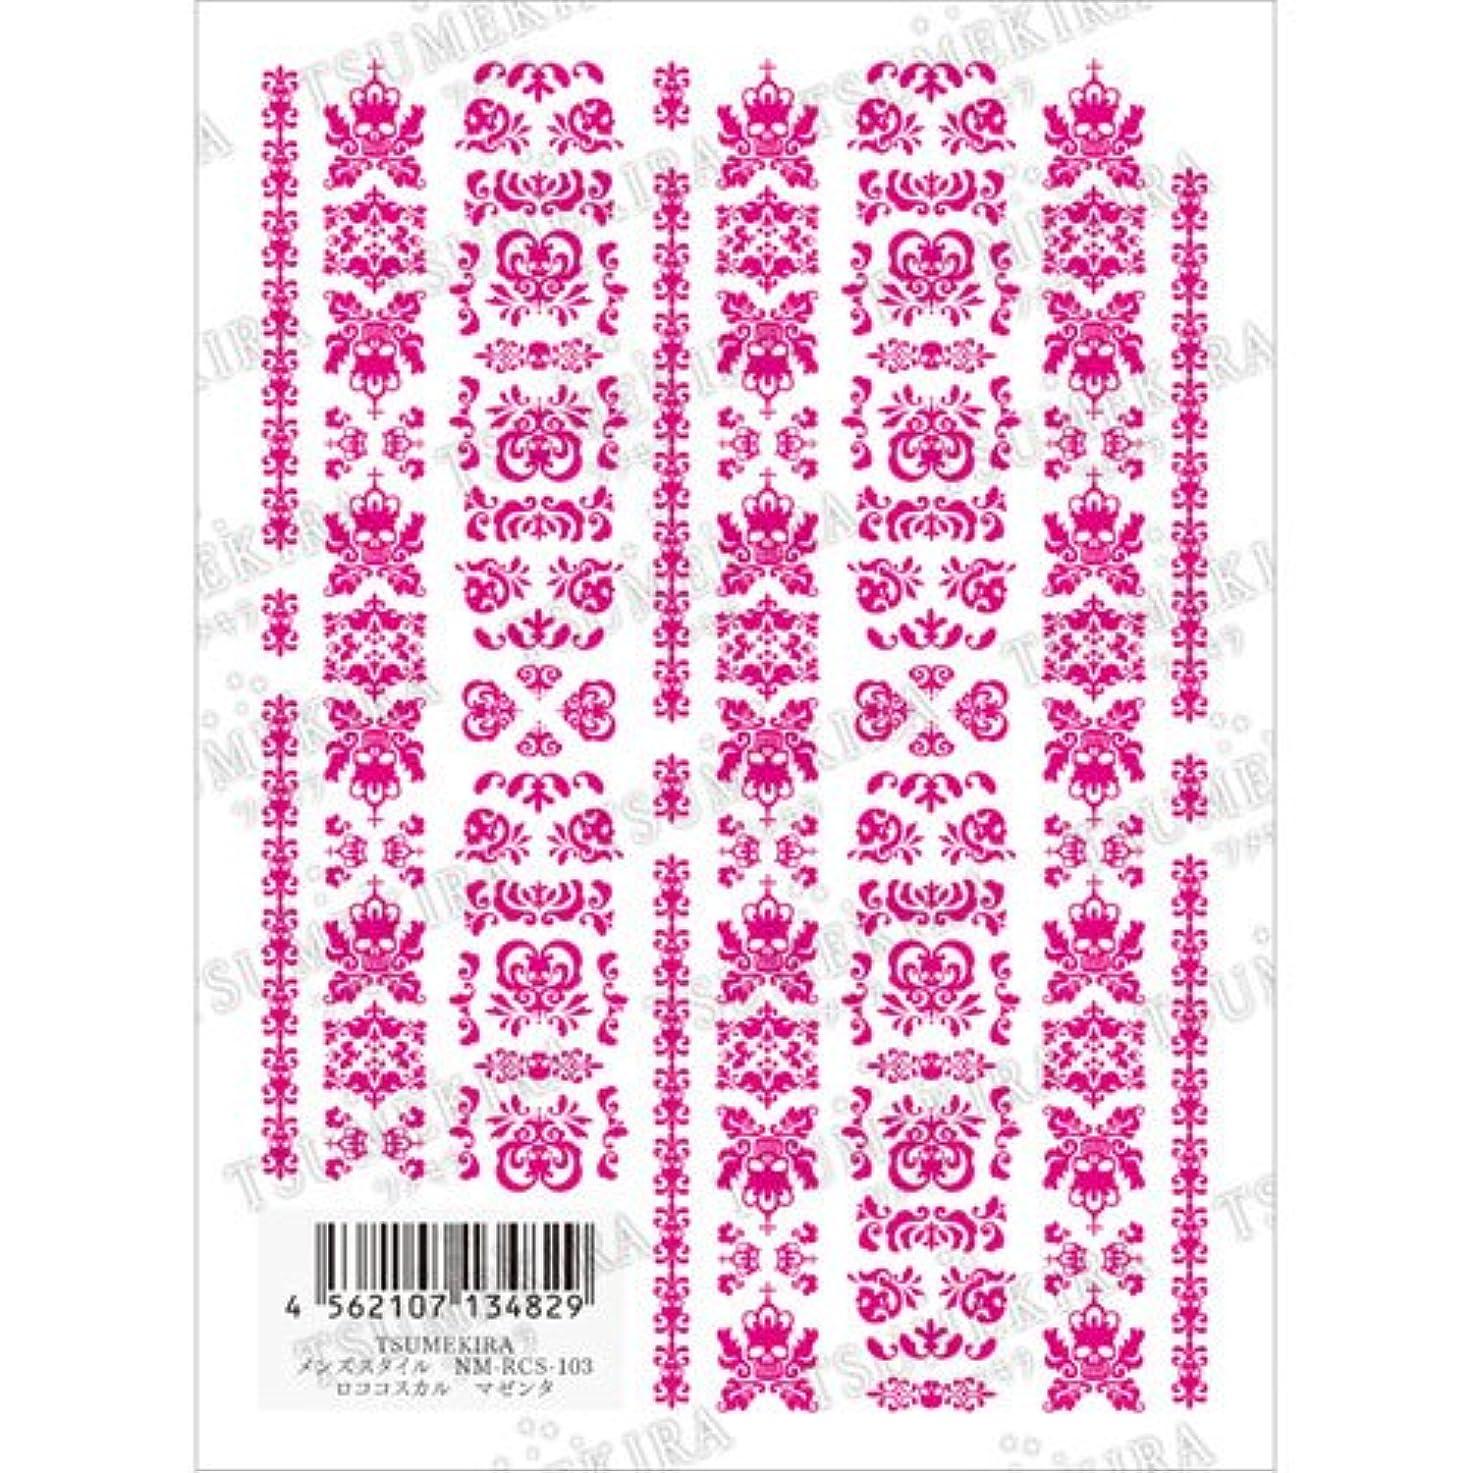 ヒロイック議題計算するツメキラ ネイル用シール メンズスタイル ロココスカル ピンク